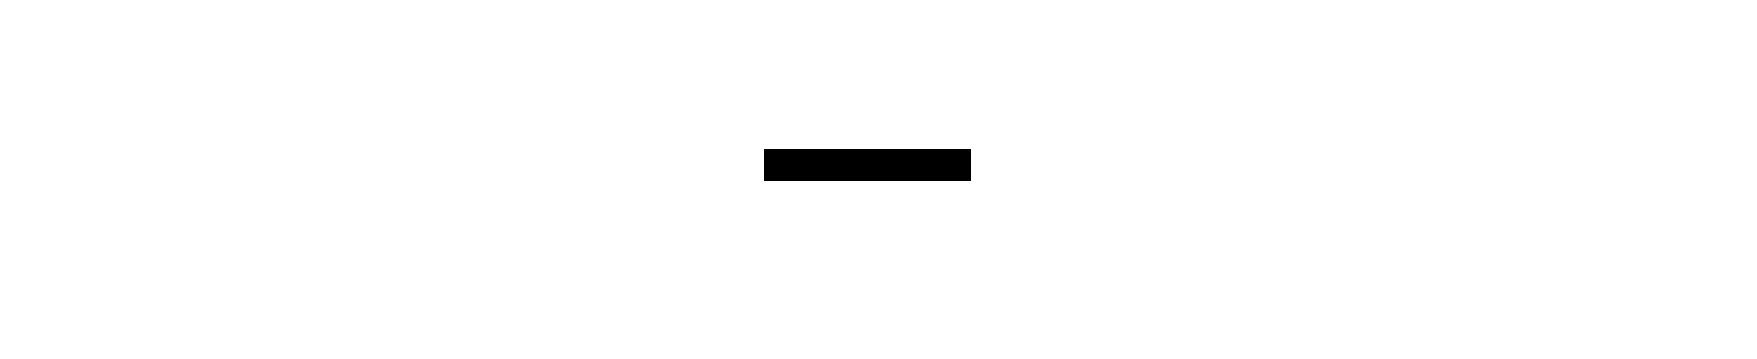 MustIllus-copie